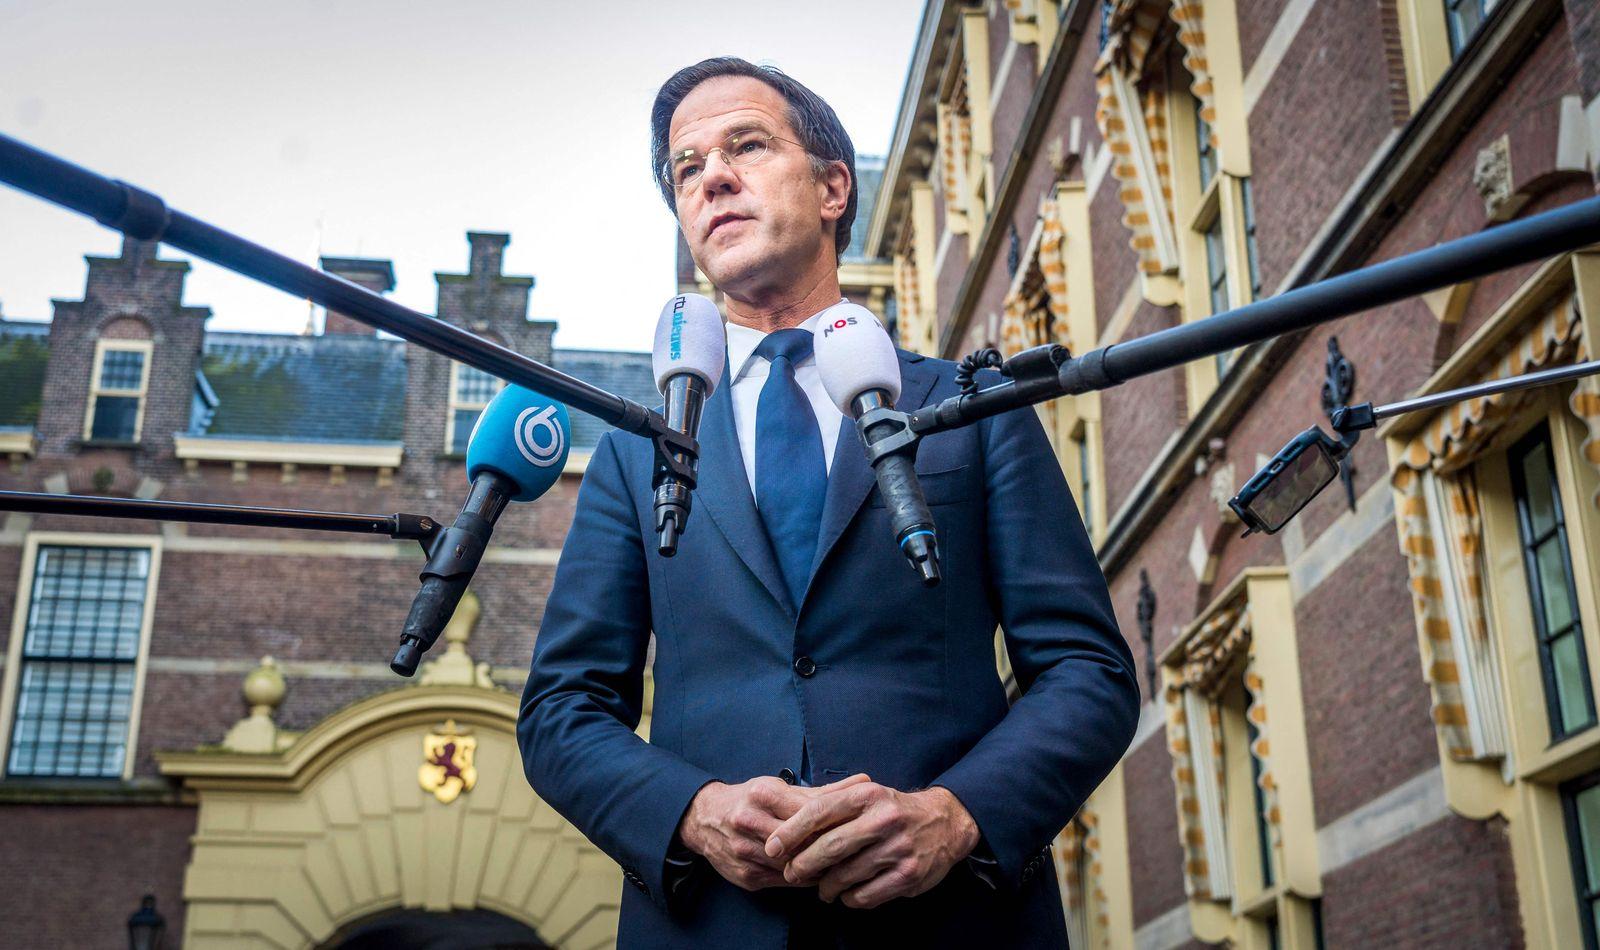 FILES-NETHERLANDS-POLITICS-RUTTE